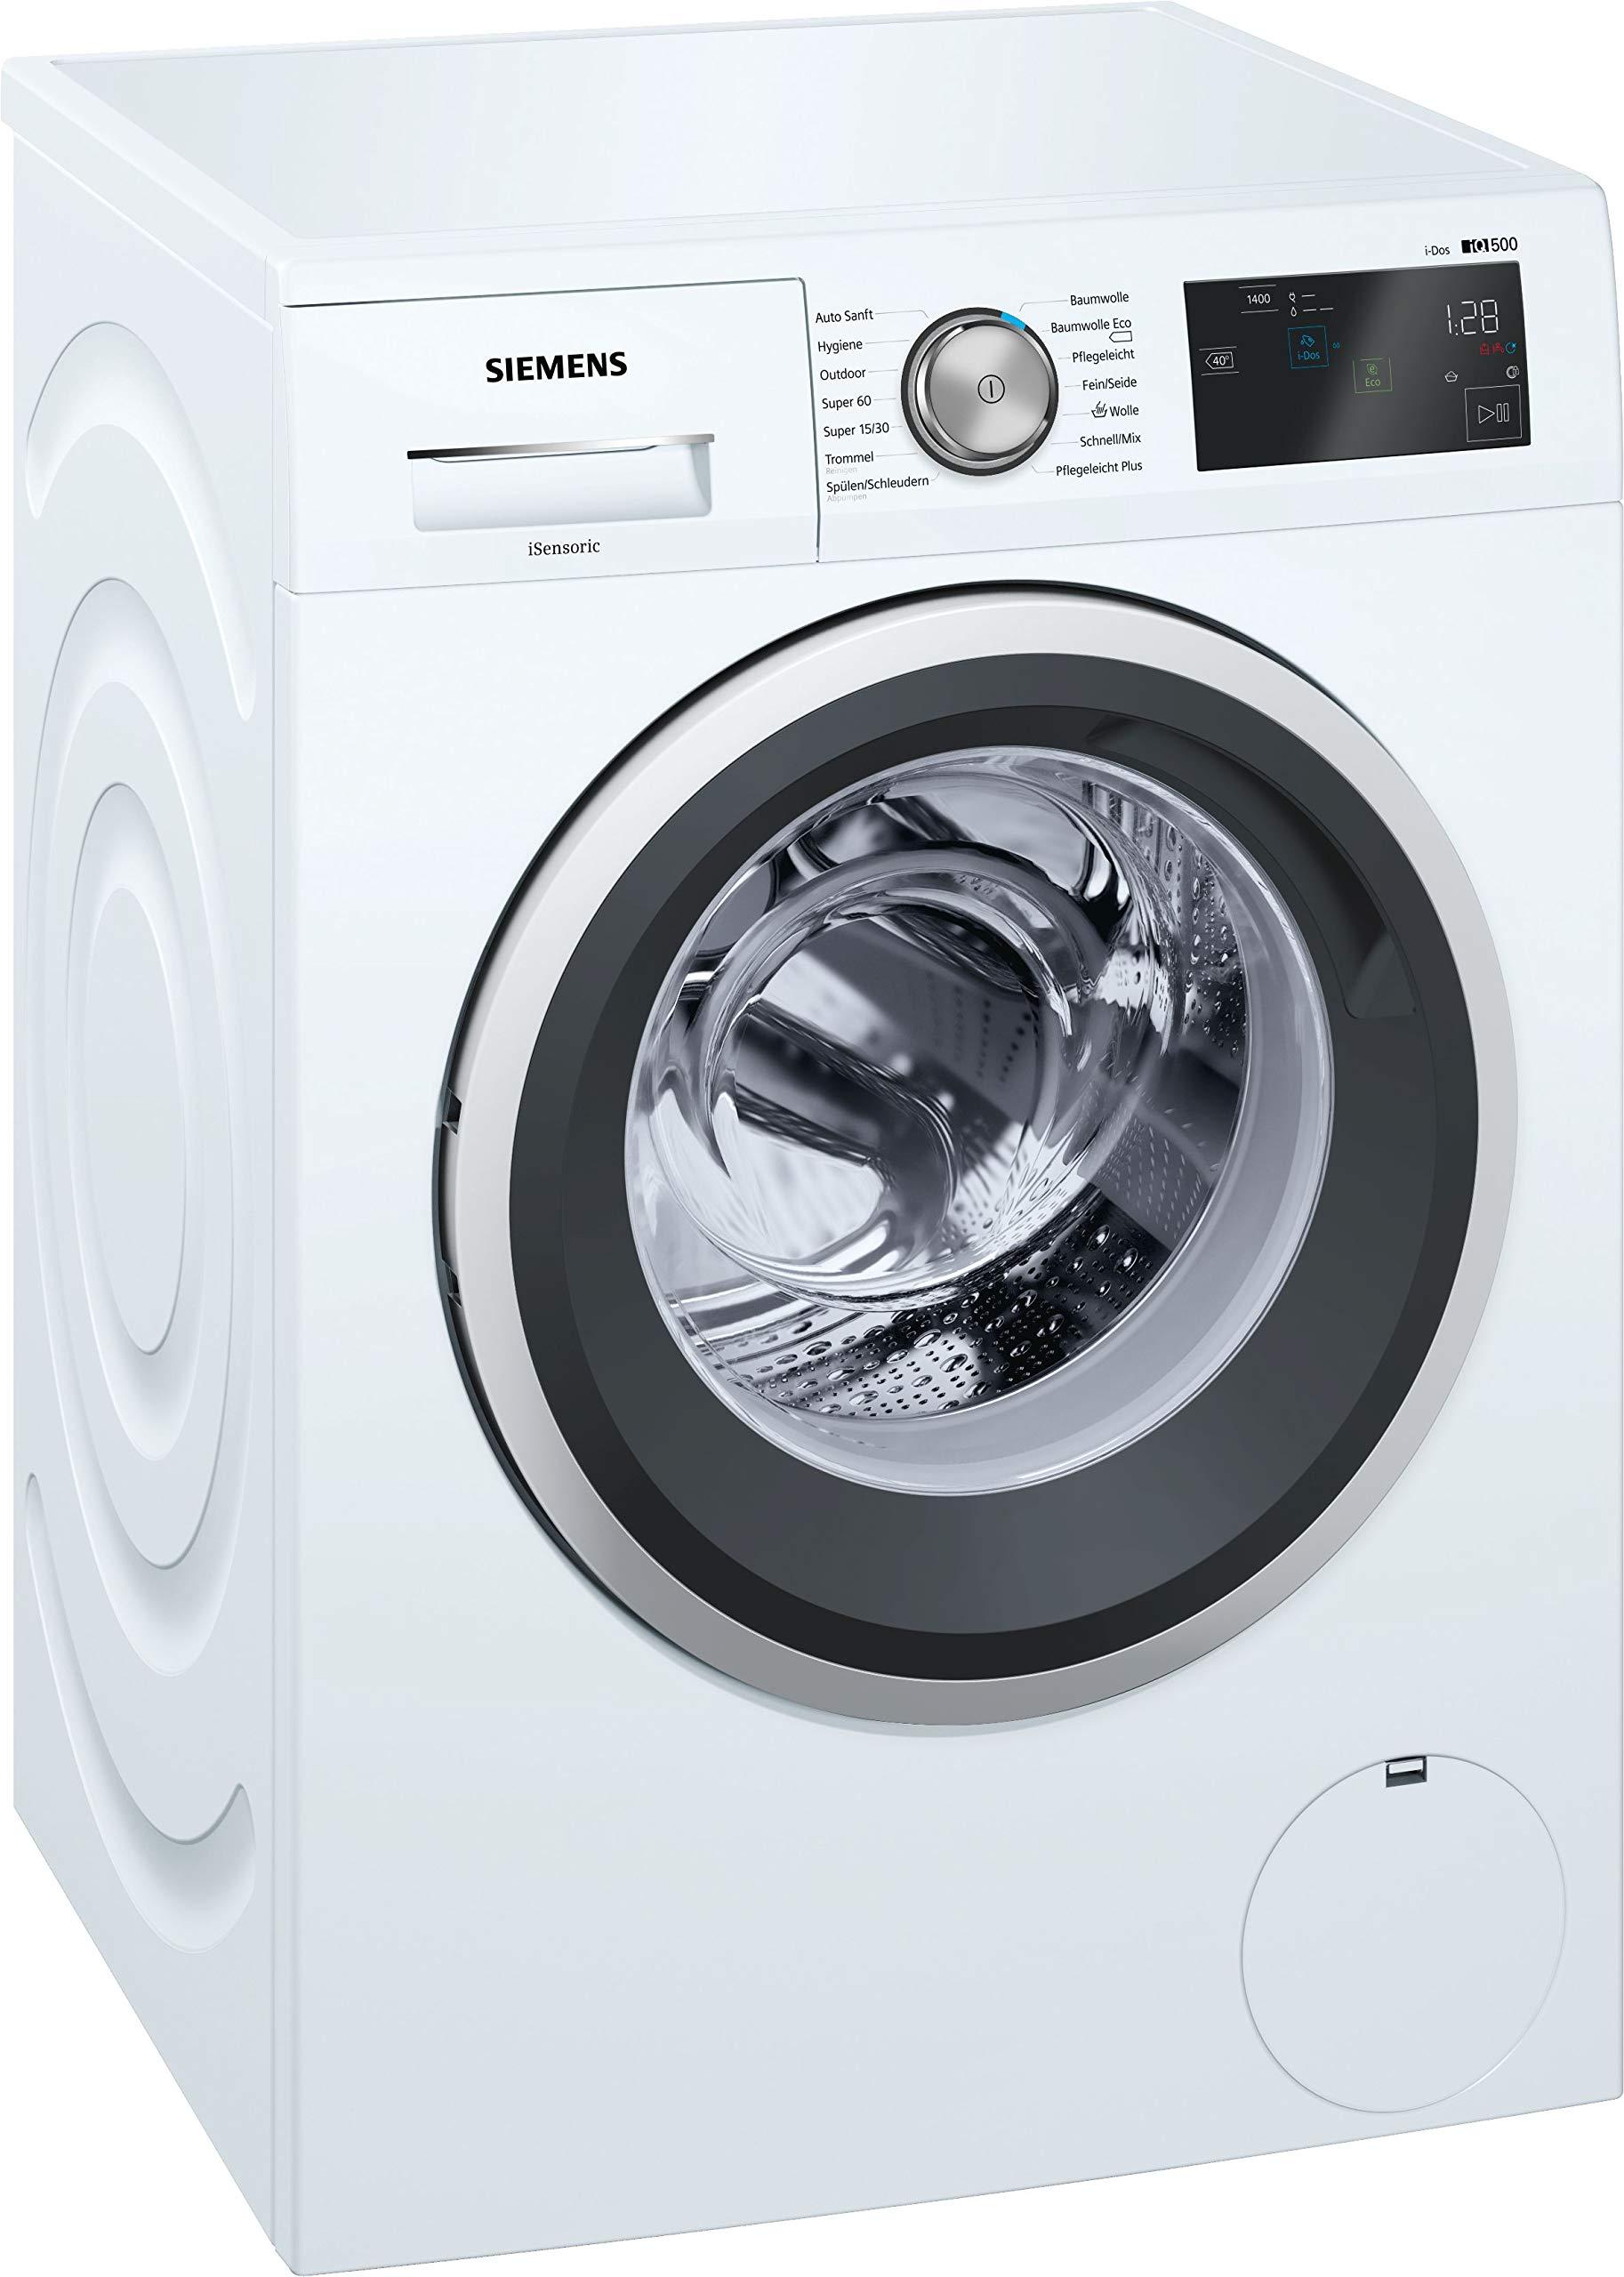 Siemens-iQ500-WM14T6A2-Waschmaschine-800-kg-A-137-kWh-1400-Umin-Dosierautomatik-iDos-Nachlegefunktion-aquaStop-mit-lebenslanger-Garantie